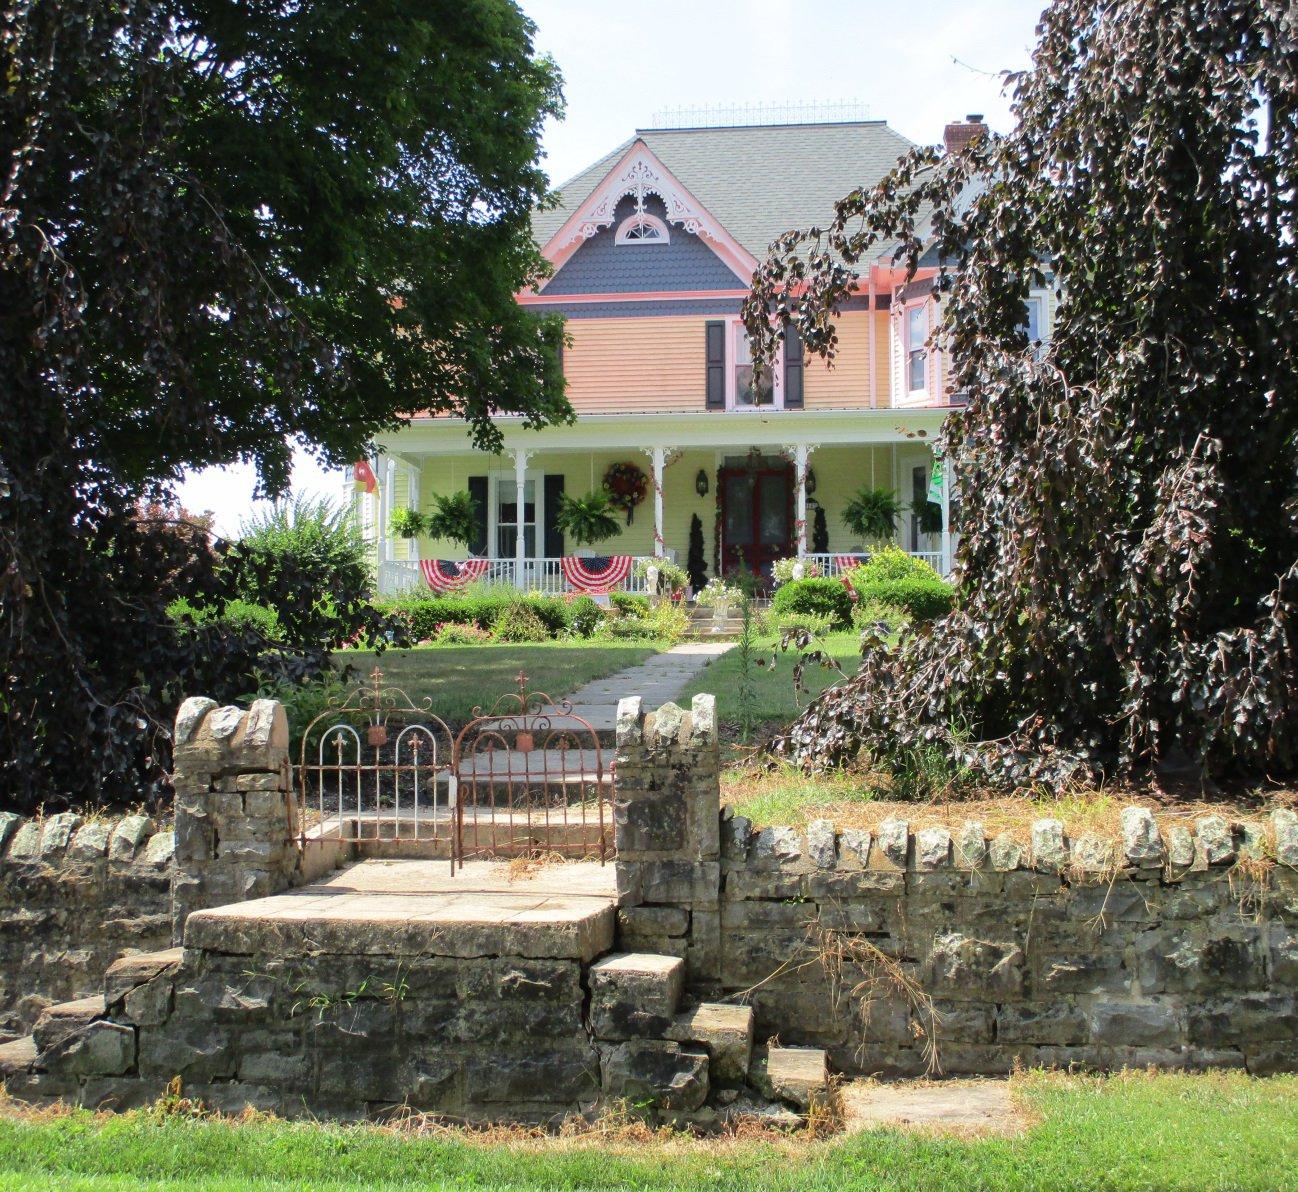 Draper Historic District